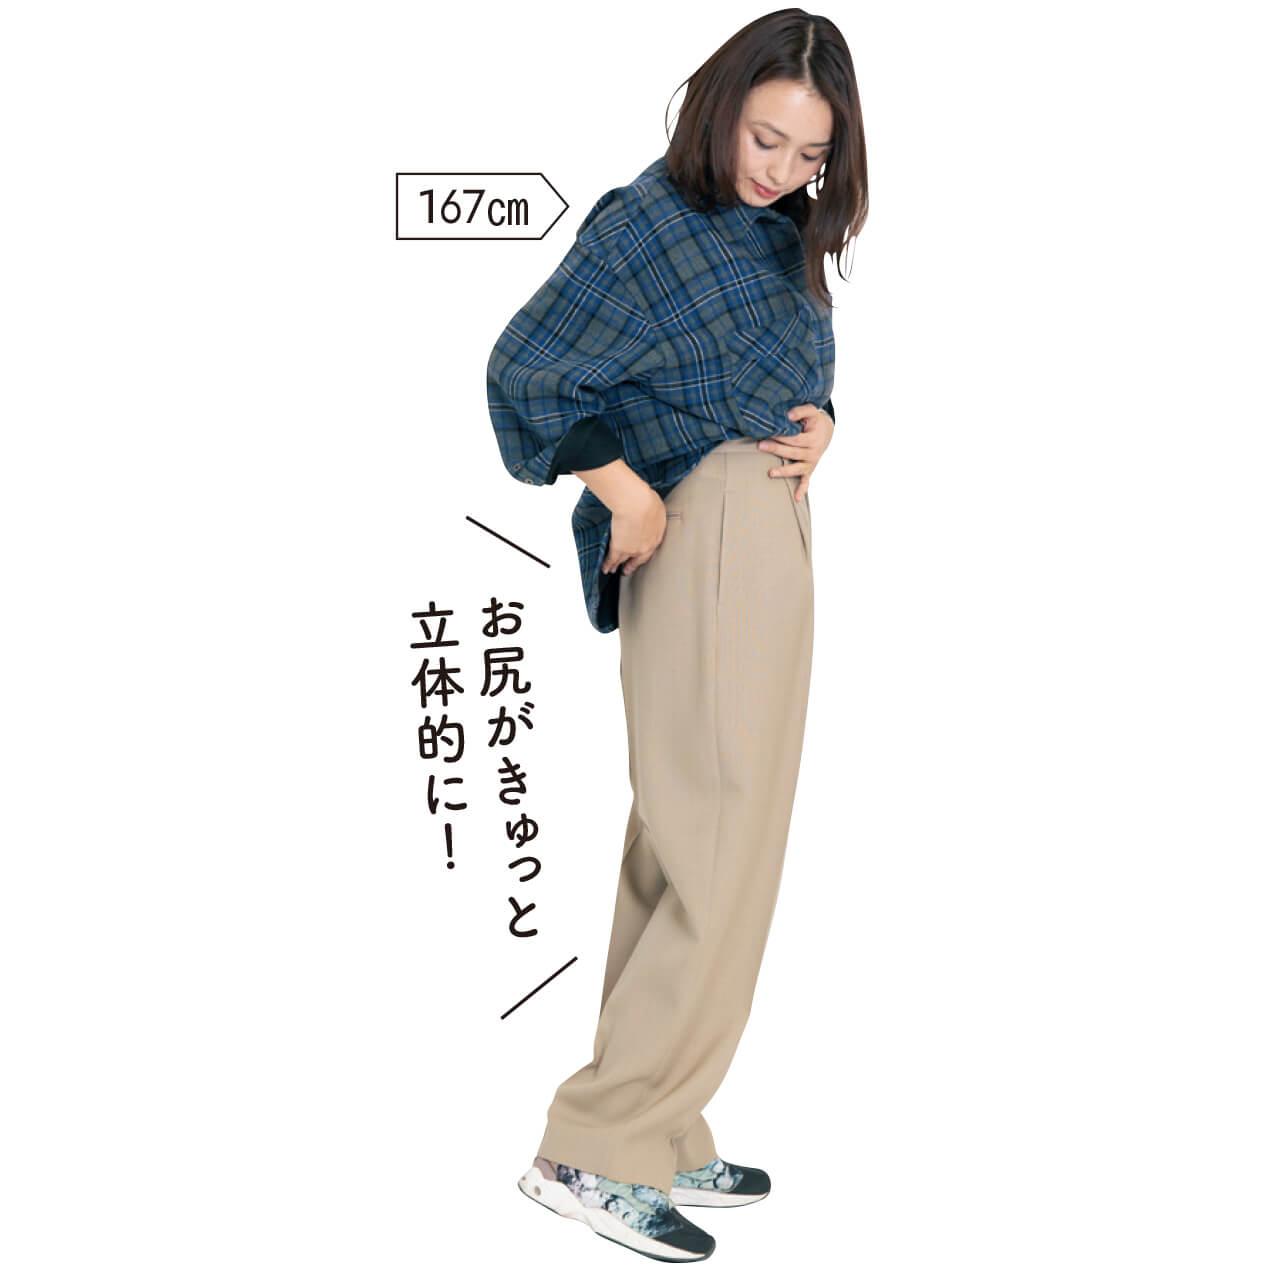 167cm LEEキャラクター天本さん「お尻がきゅっと立体的に!」